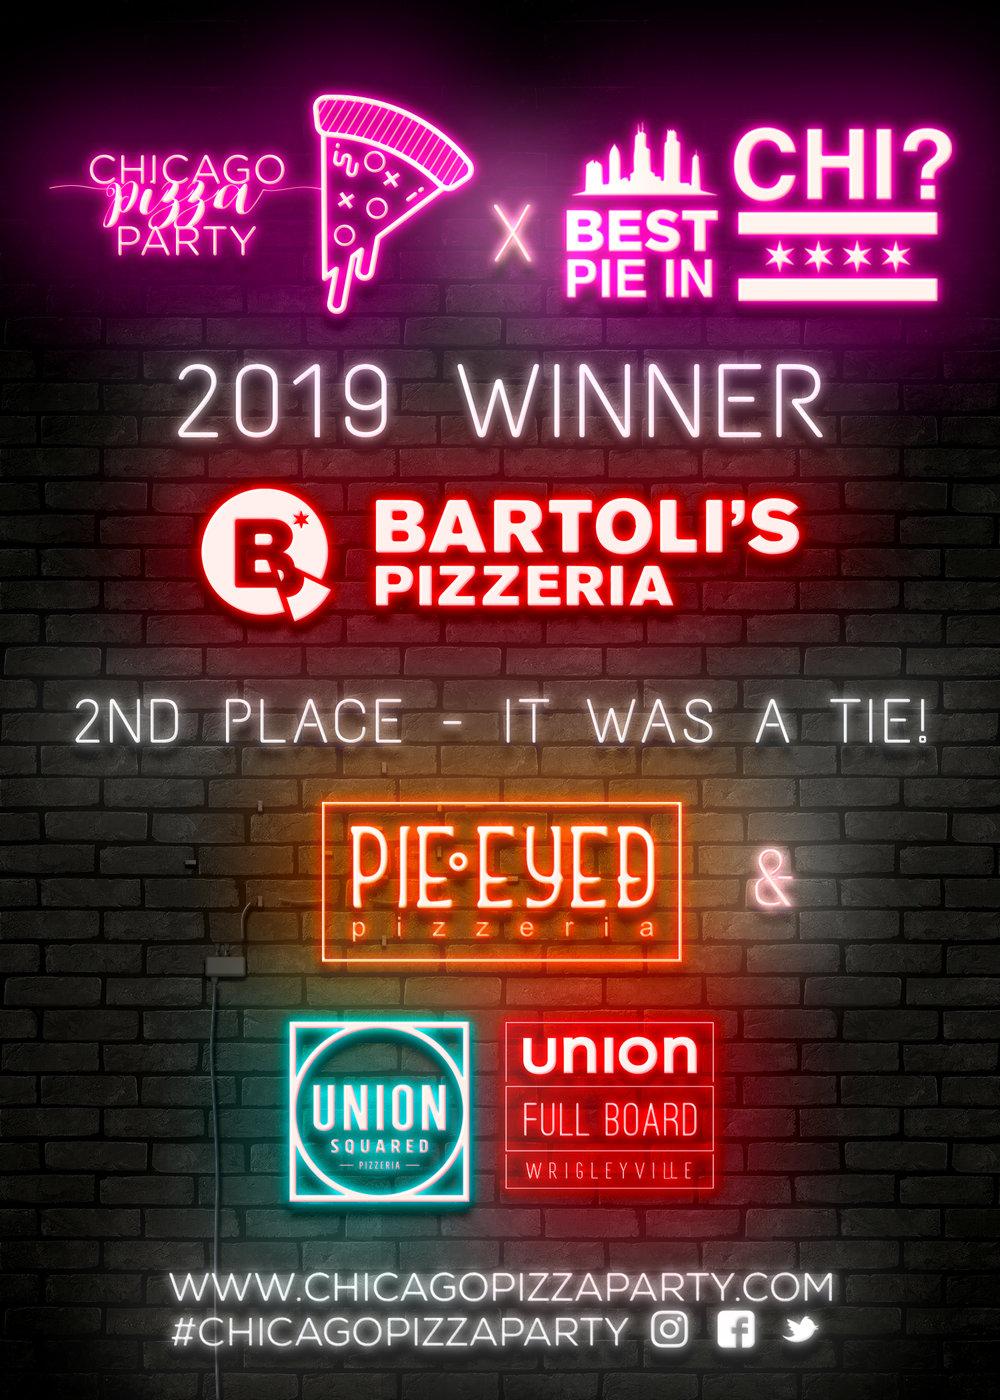 Best Pie in Chi 2019.jpg